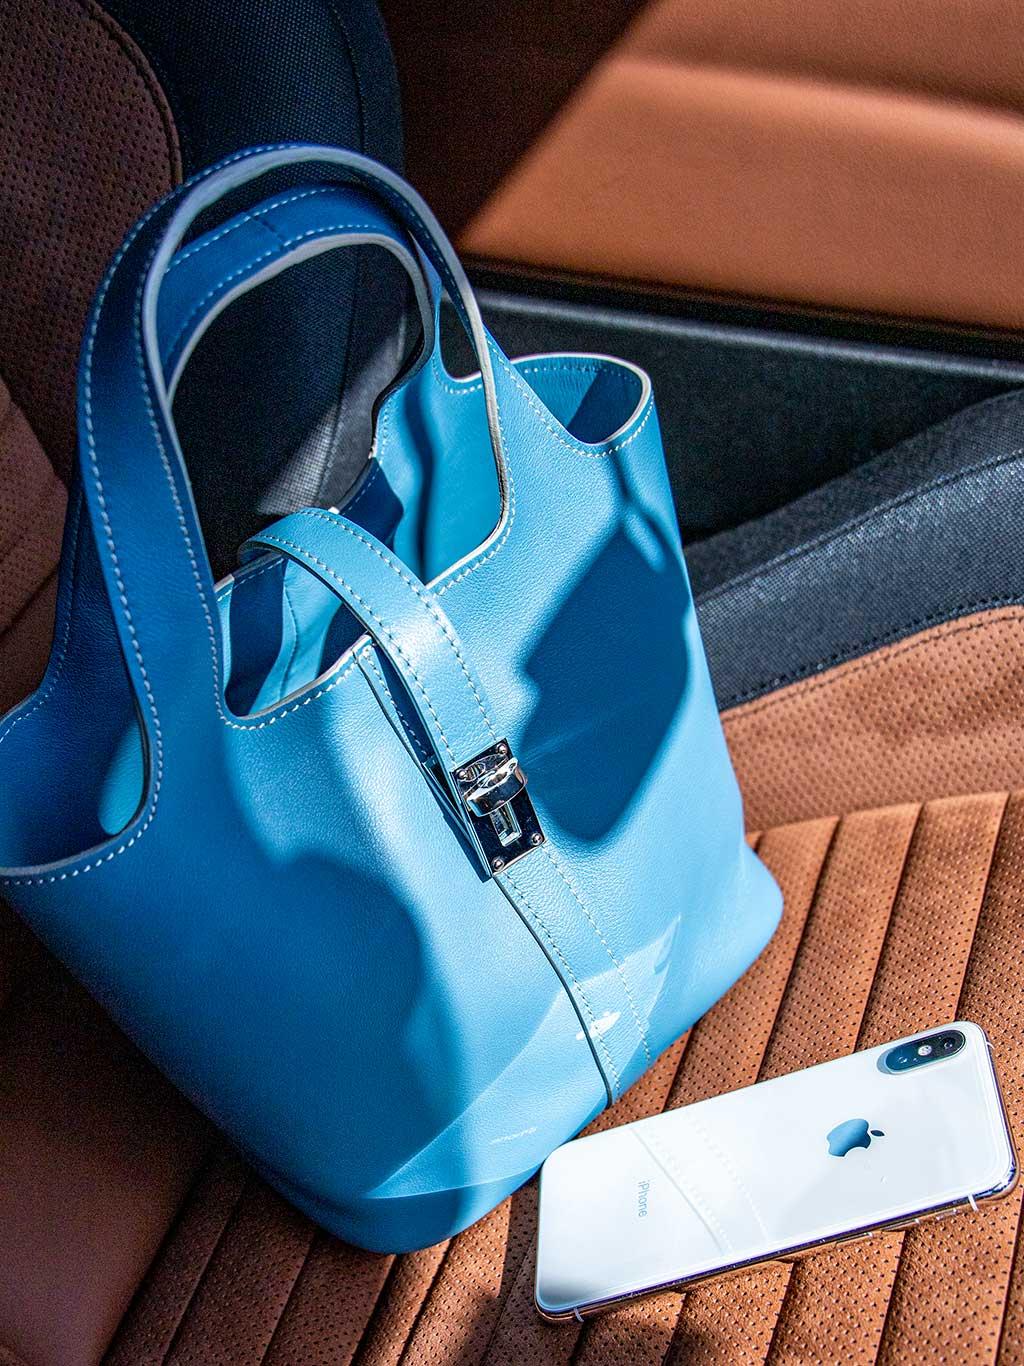 助手席にぽんと置いて、車でちょっと出かけるのにちょうど良いバッグ。